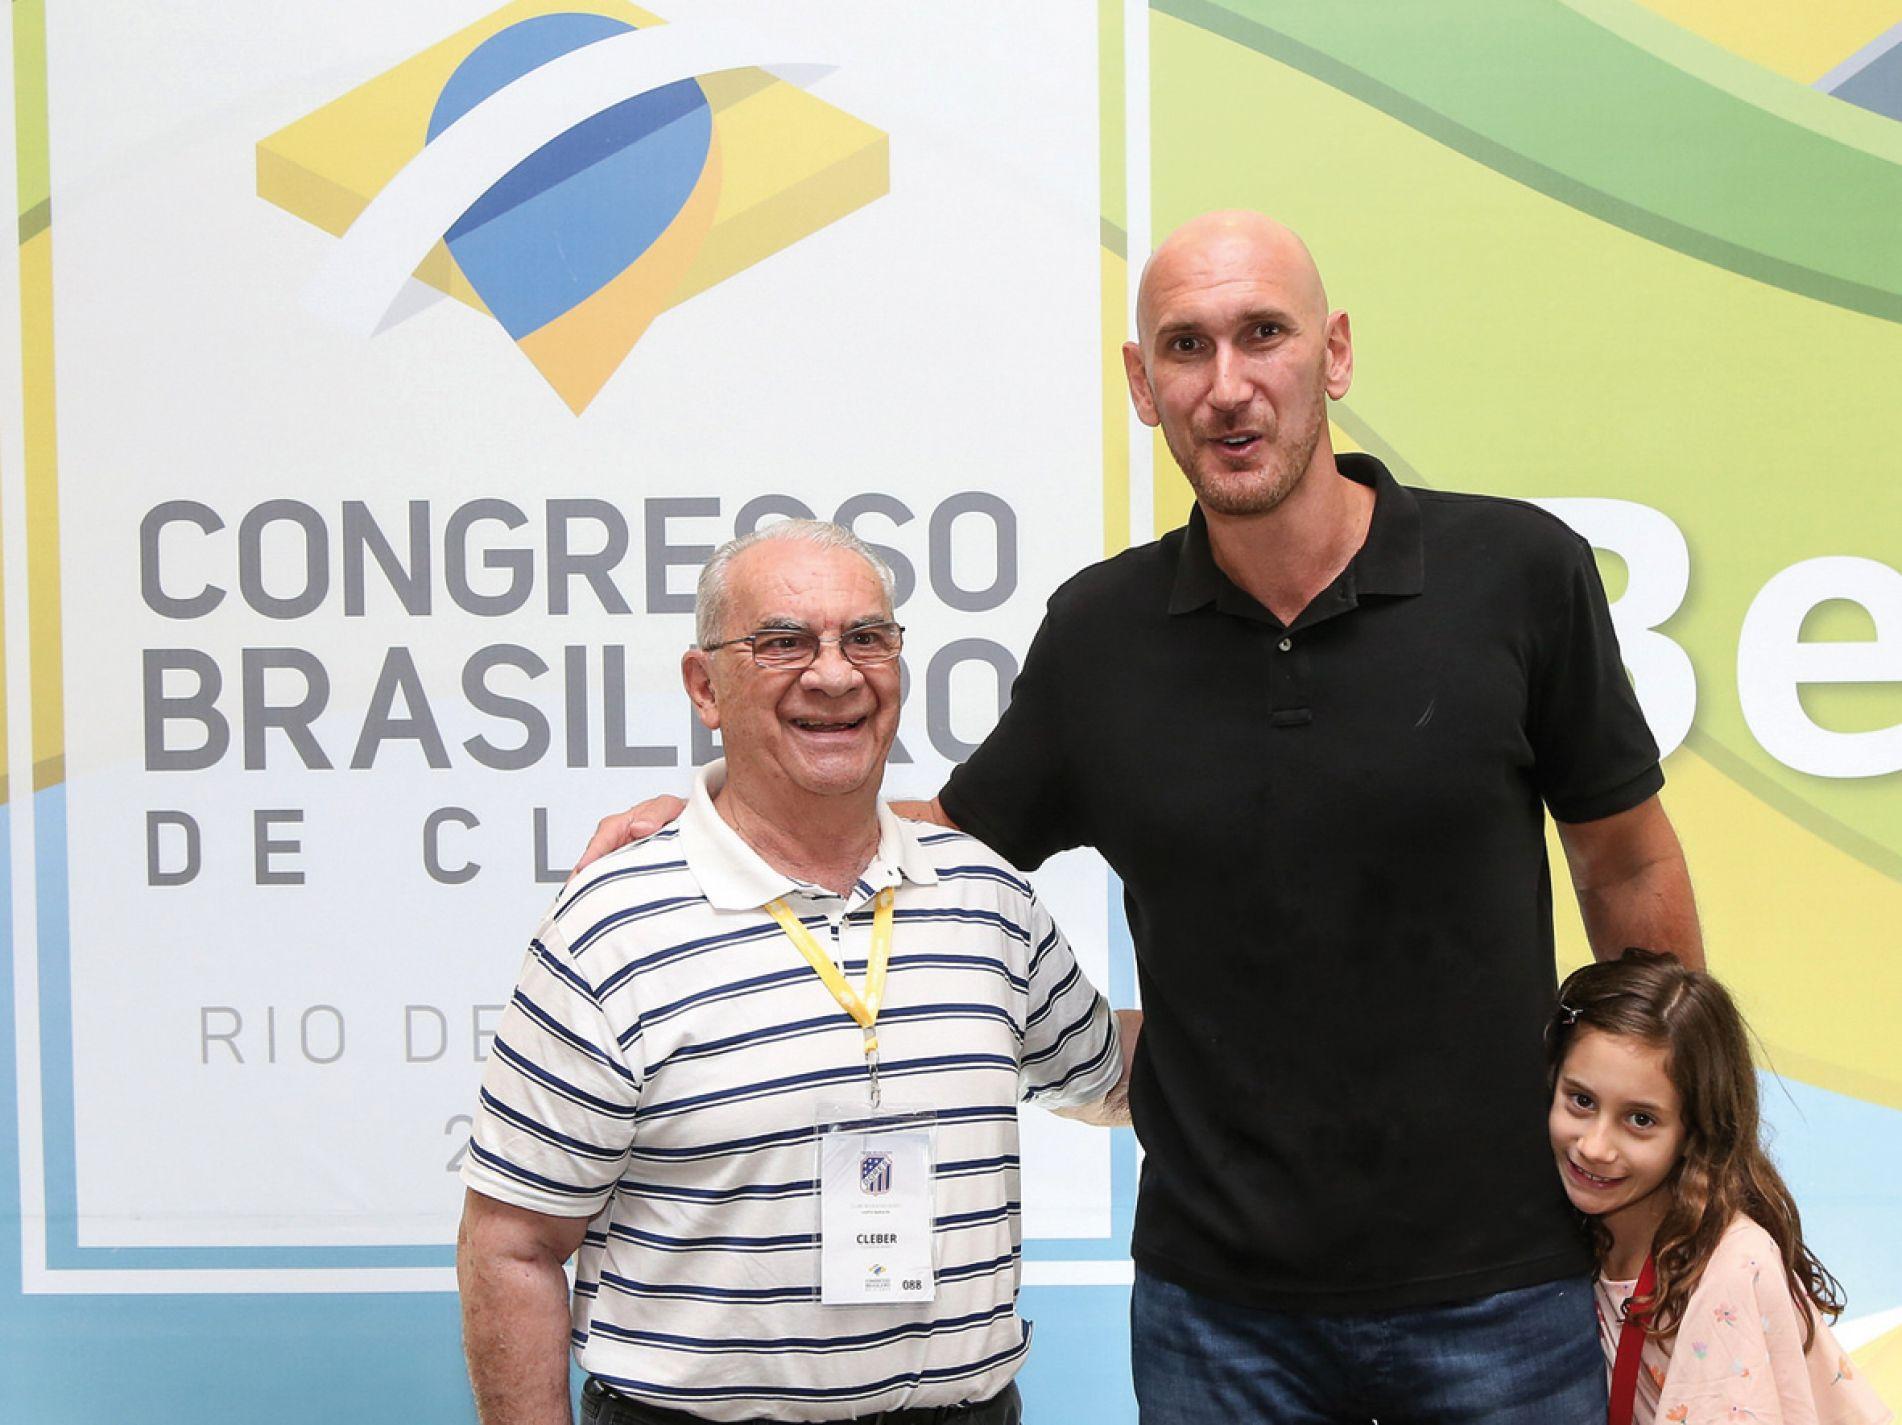 O vice-presidente Social dorense, Cleber Ruviaro, posa ao lado do ex-jogador de vôlei Nalbert. |Divulgação|